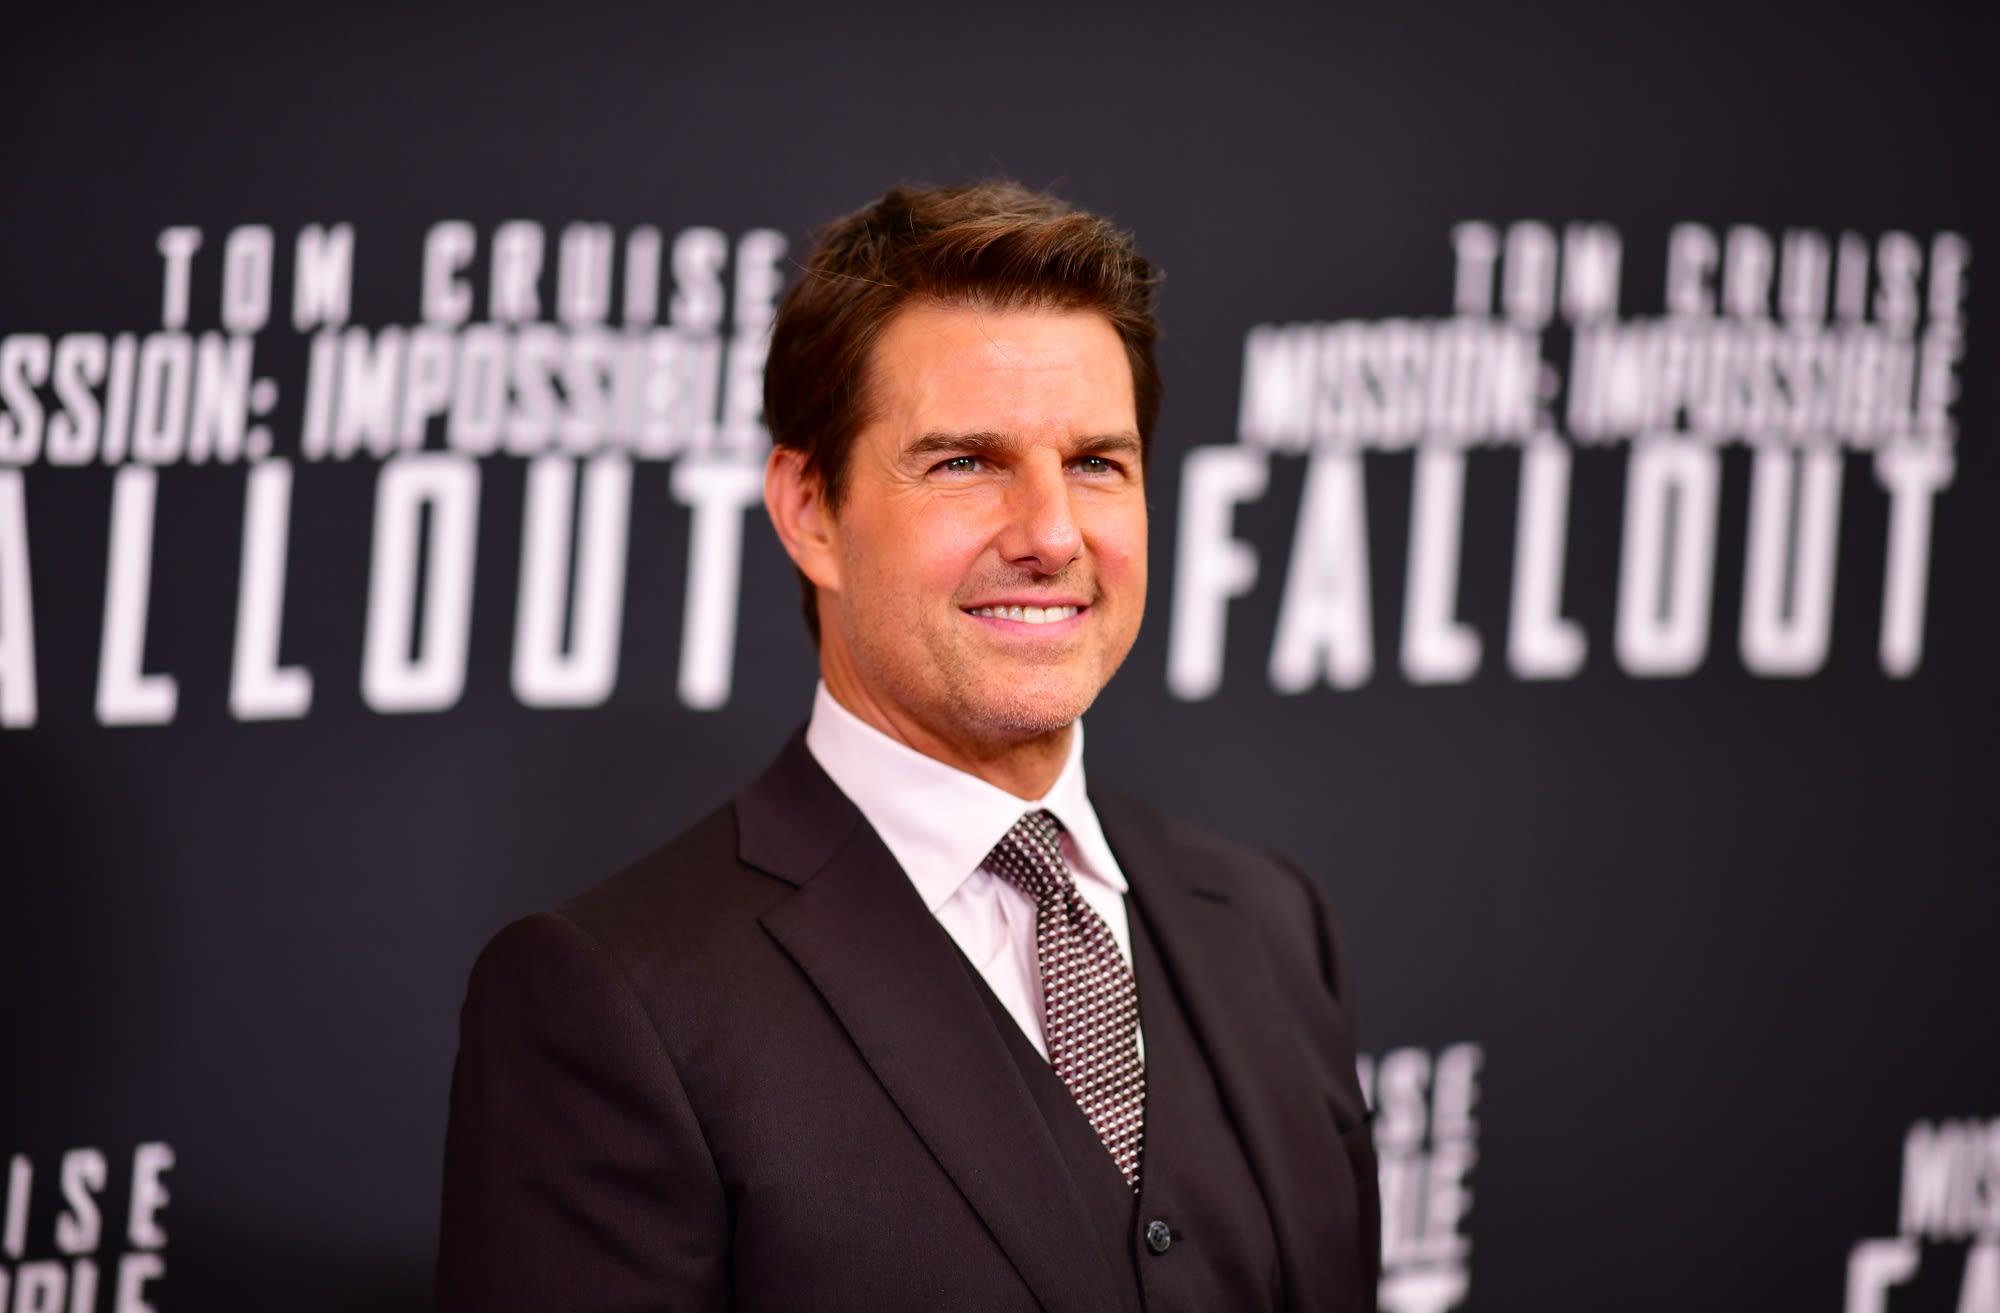 Ý tưởng phim đầy tham vọng của nam tài tử Tom Cruise dự kiến mang tên 'Luna Park', bấm máy trong mùa thu 2021.